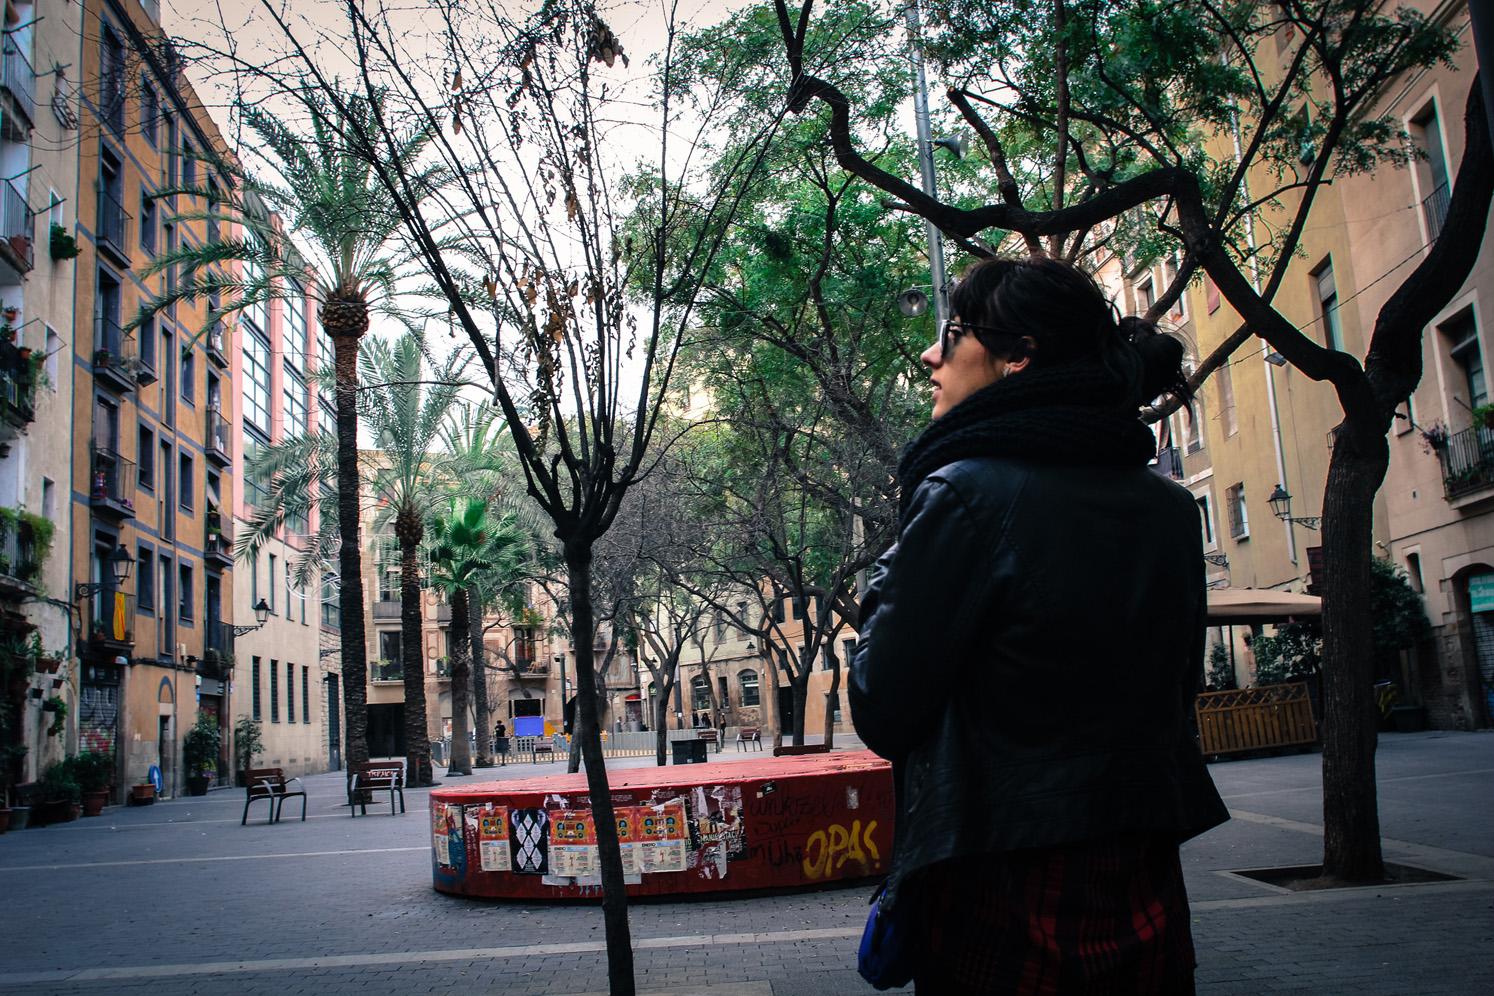 Une place de Barcelone de nuit, Côté Hublot